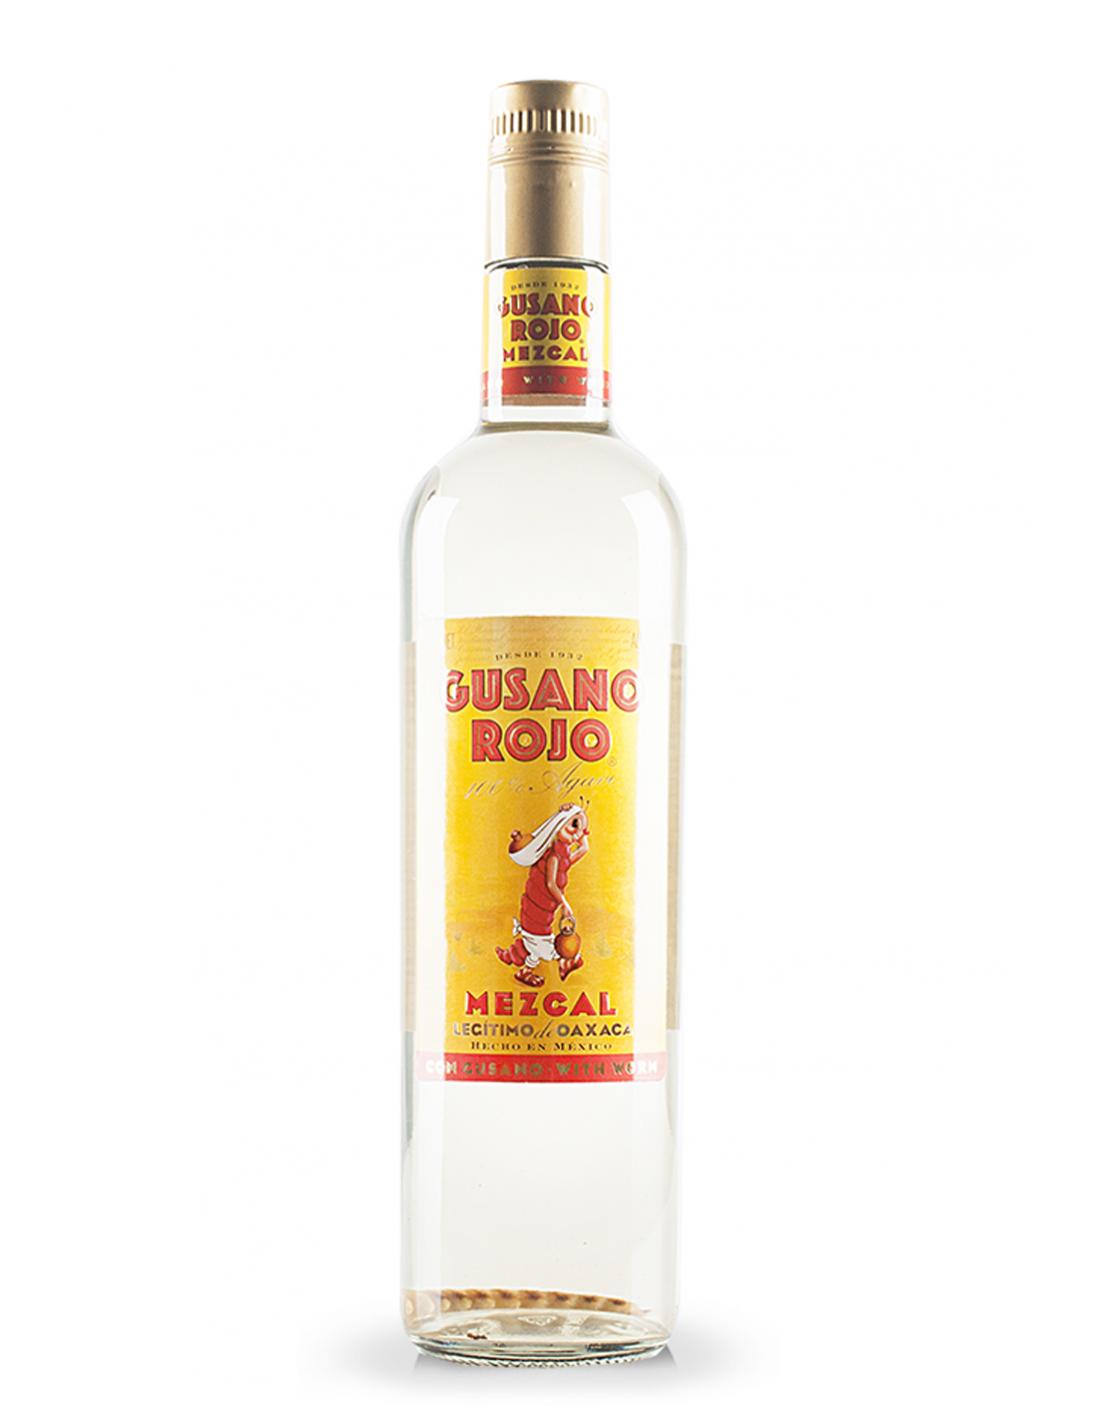 Tequila alba Mezcal Gusano Rojo cu vierme 0.7L, 38% alc., Mexic